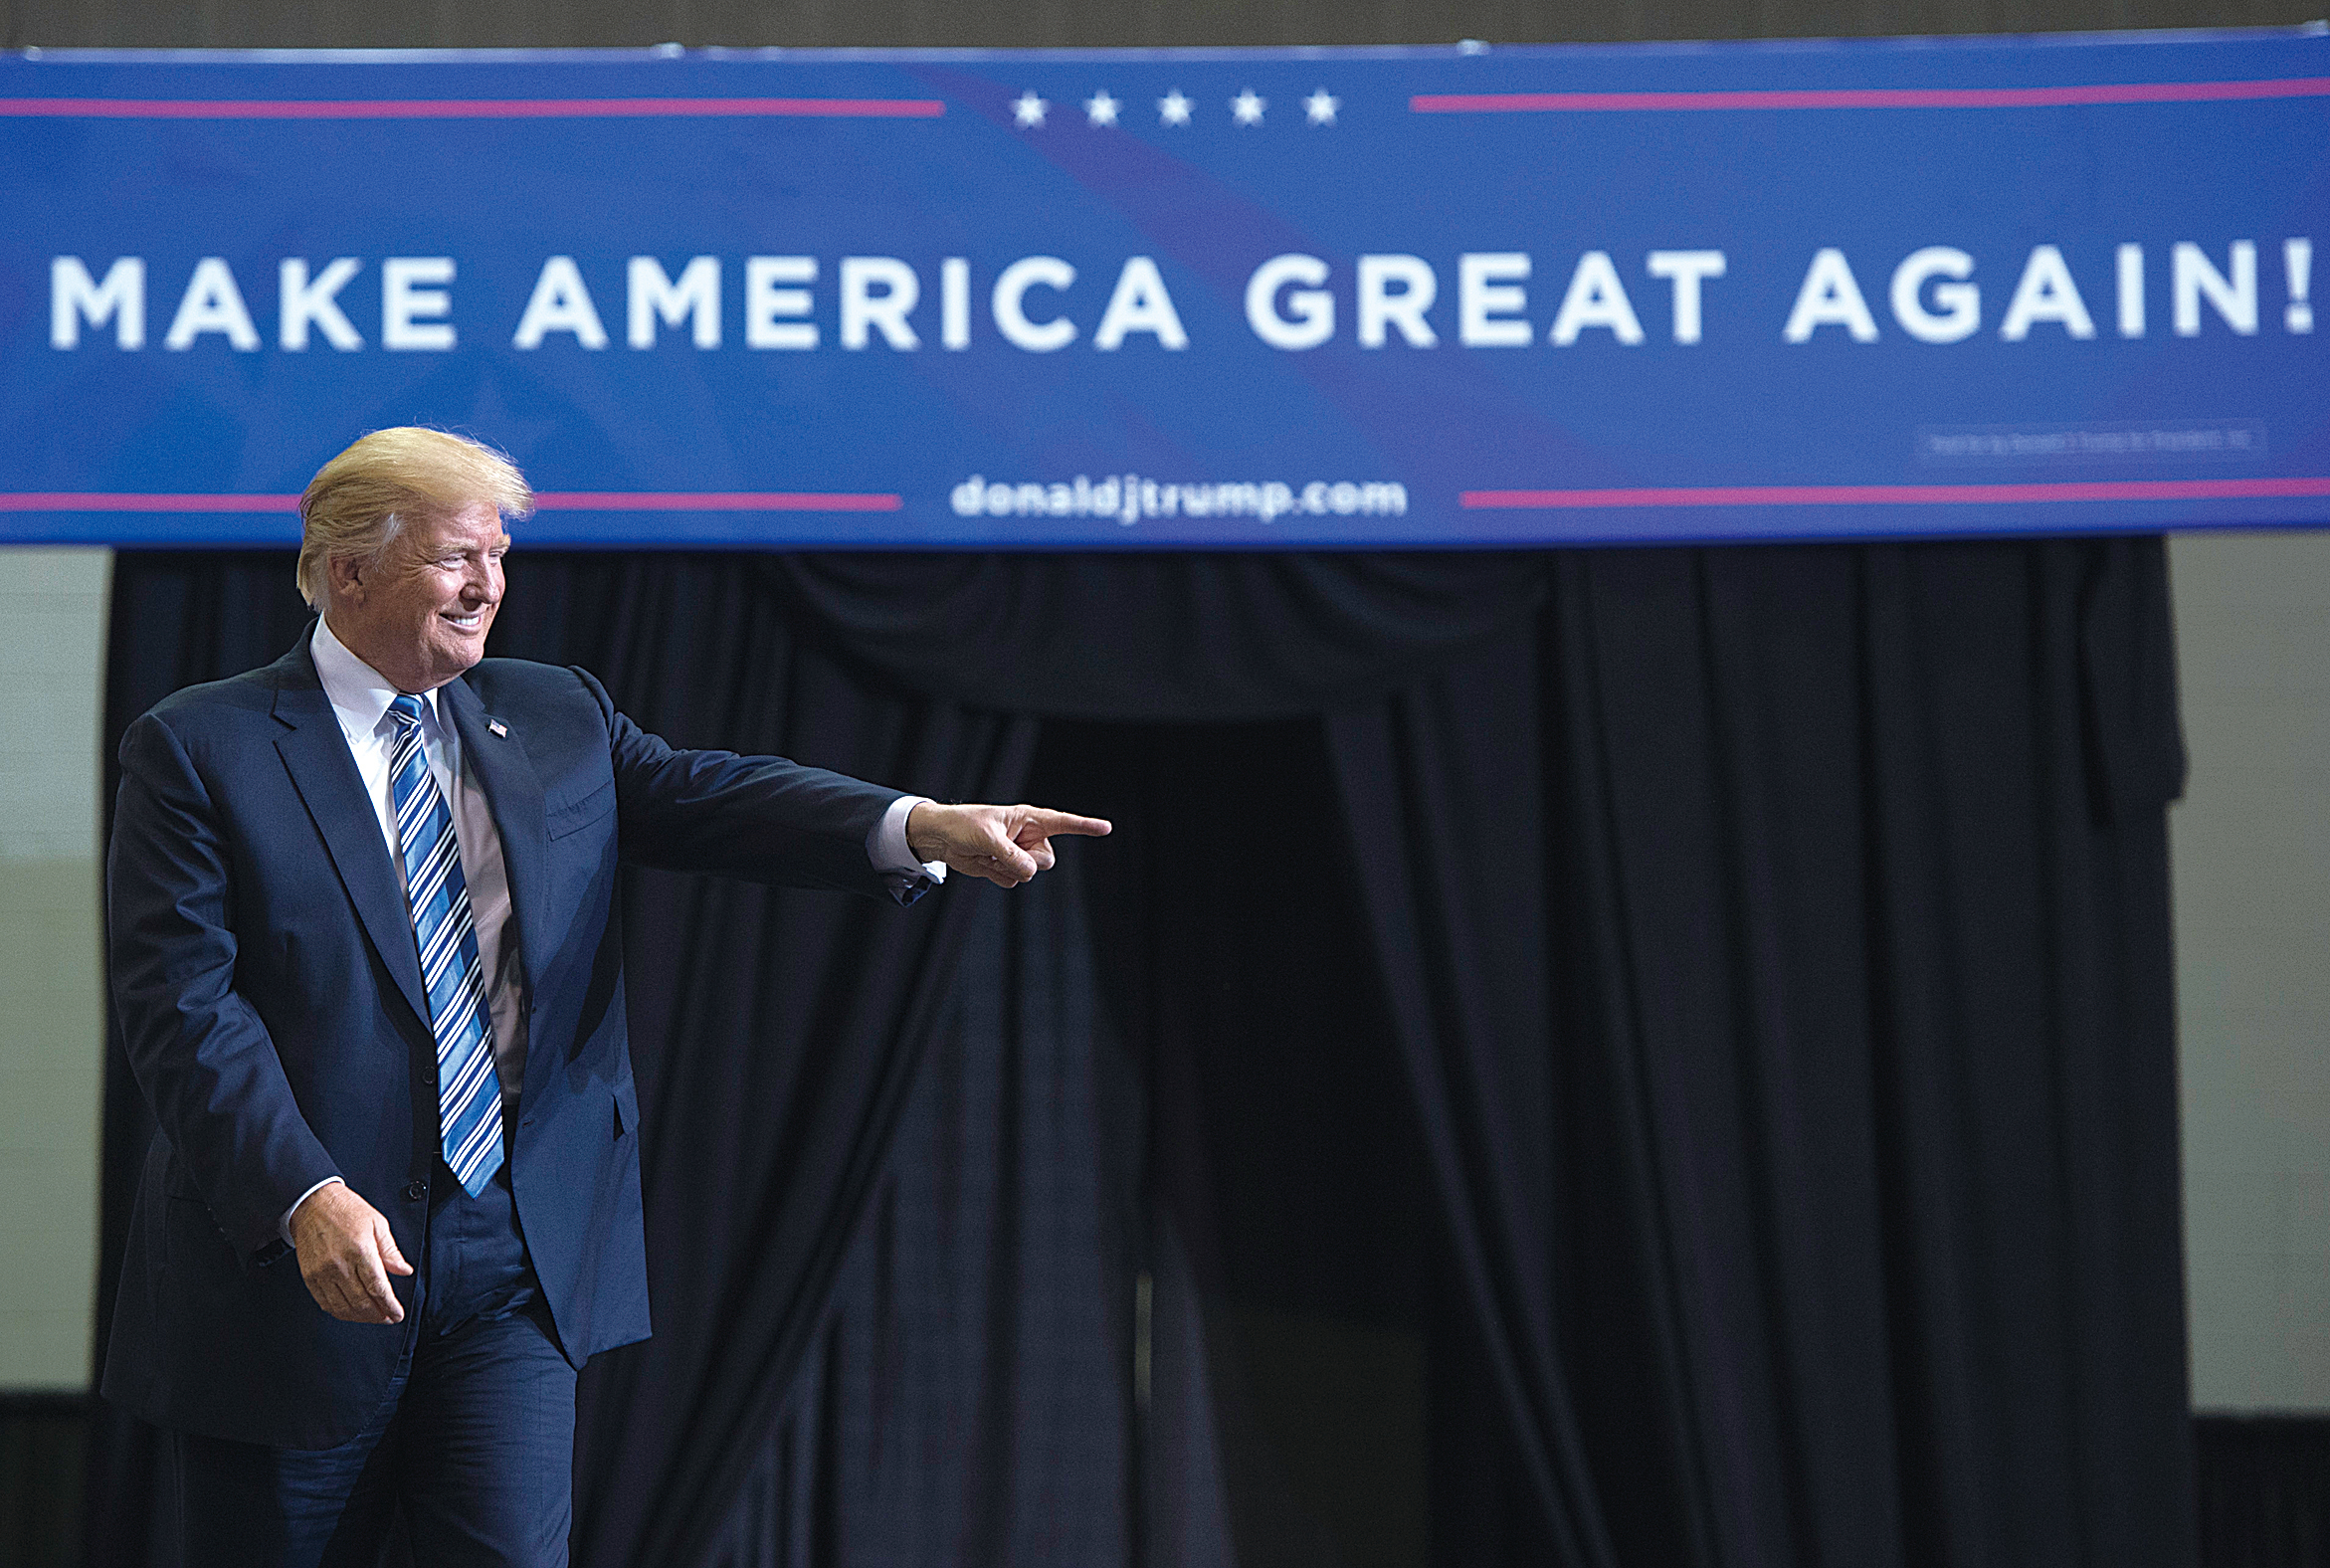 特朗普的競標:從《跛腳美國》到《再度偉大》